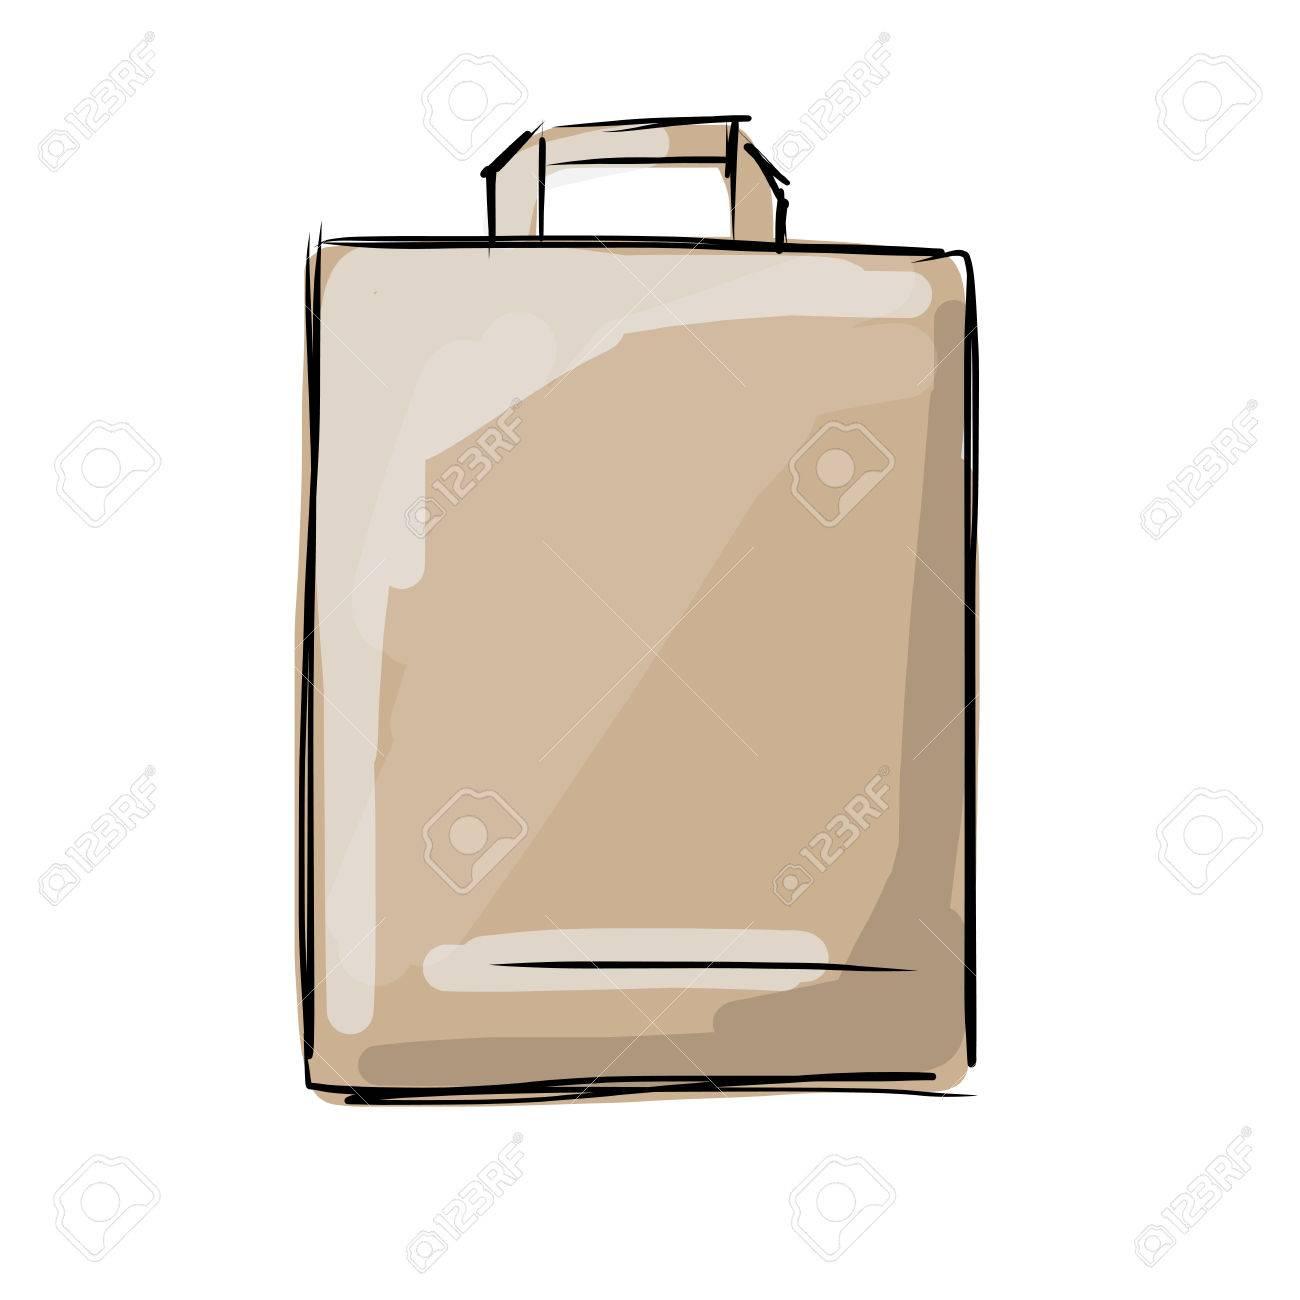 Paper bag sketch - Shopping Paper Bag Sketch For Your Design Vector Illustration Stock Vector 49344315